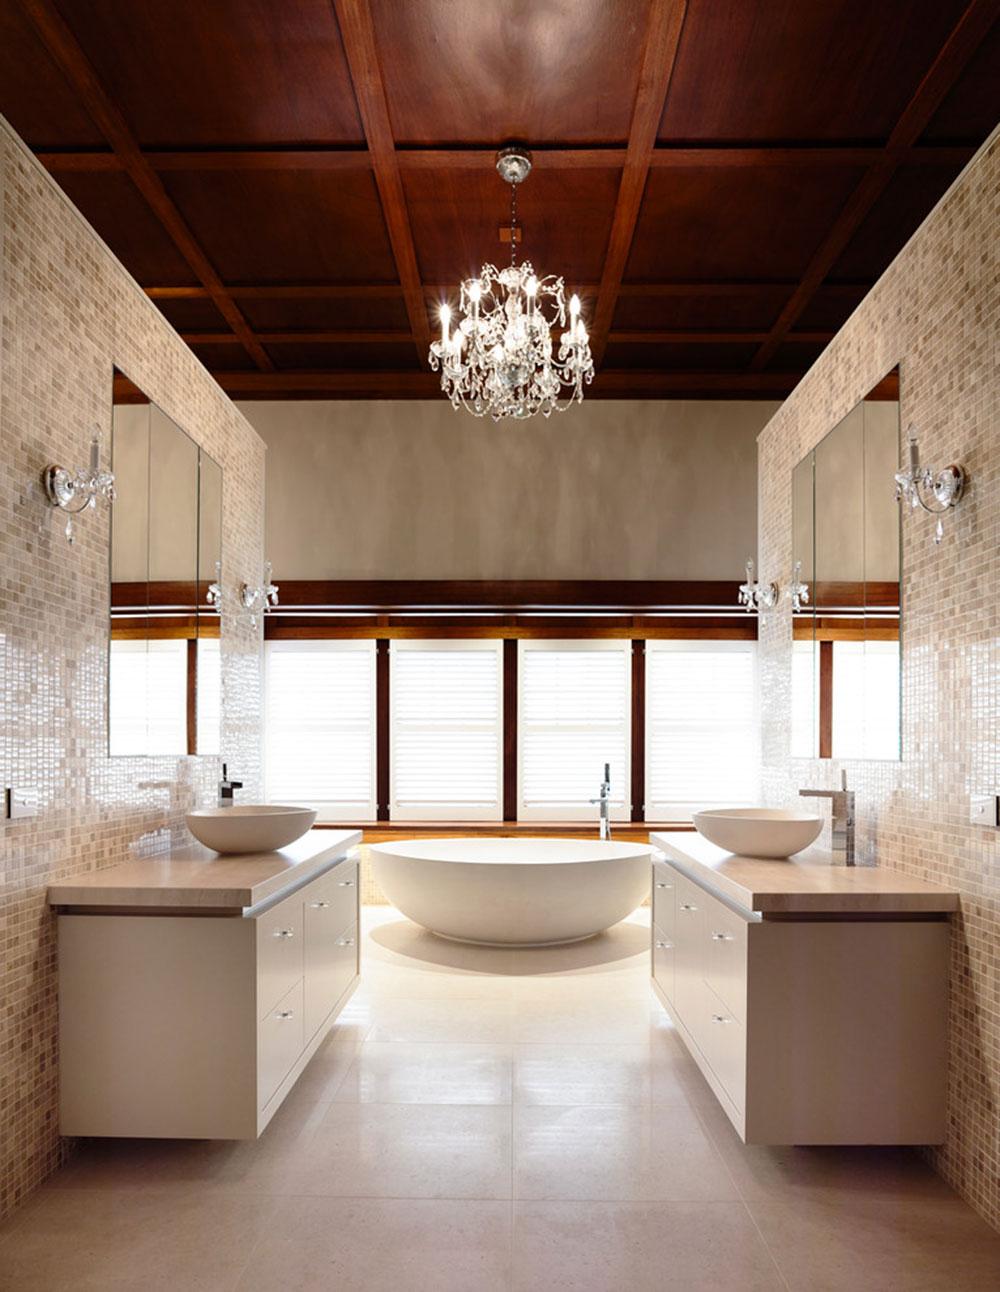 Bilder-och-exempel-av-att-välja-de-bästa-badrum-brickor-10 foton och exempel på att välja de bästa badrumsplattorna